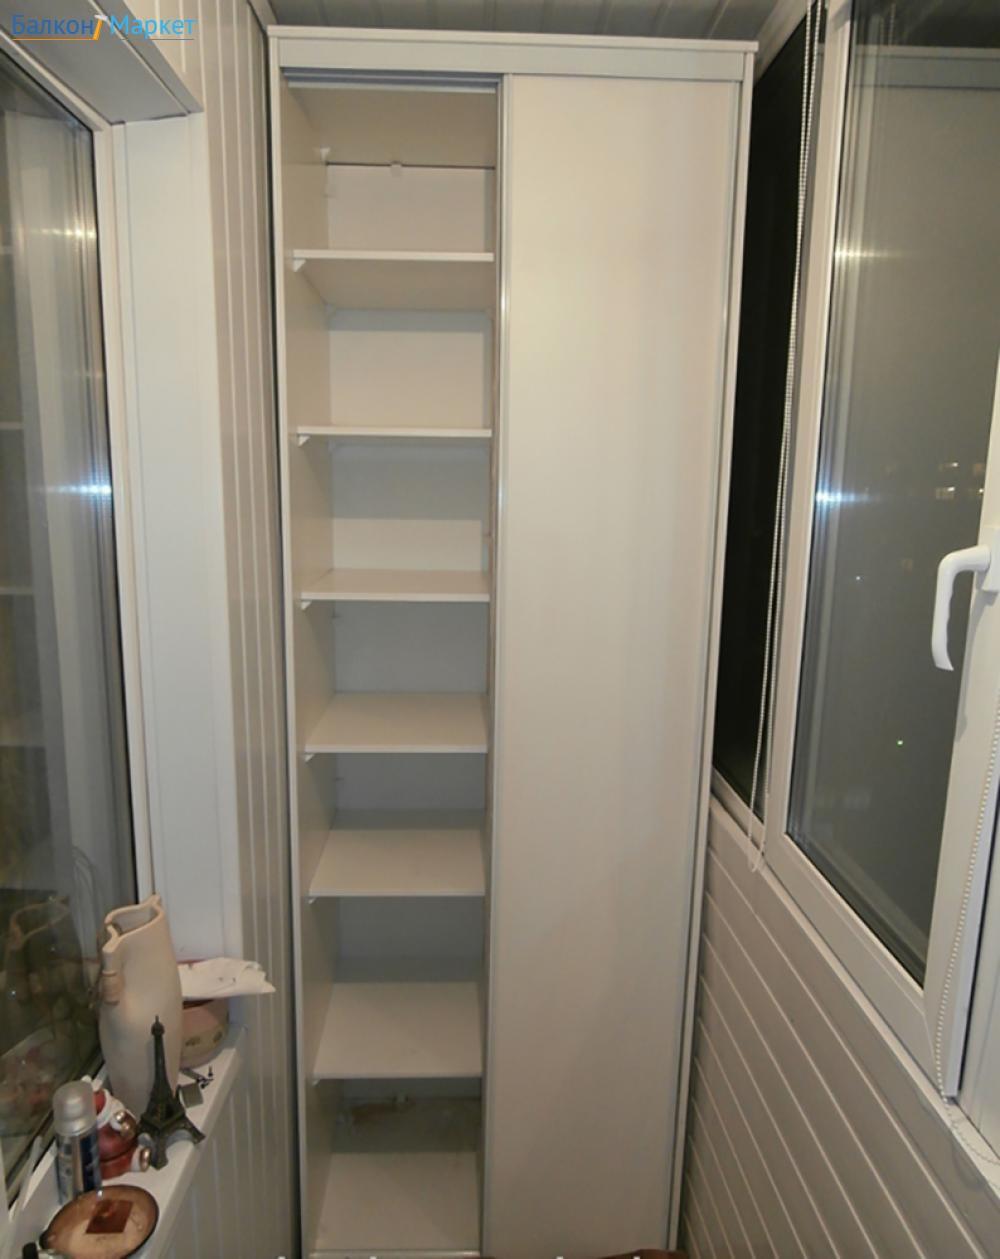 Шкаф-купе на балконе или лоджии.